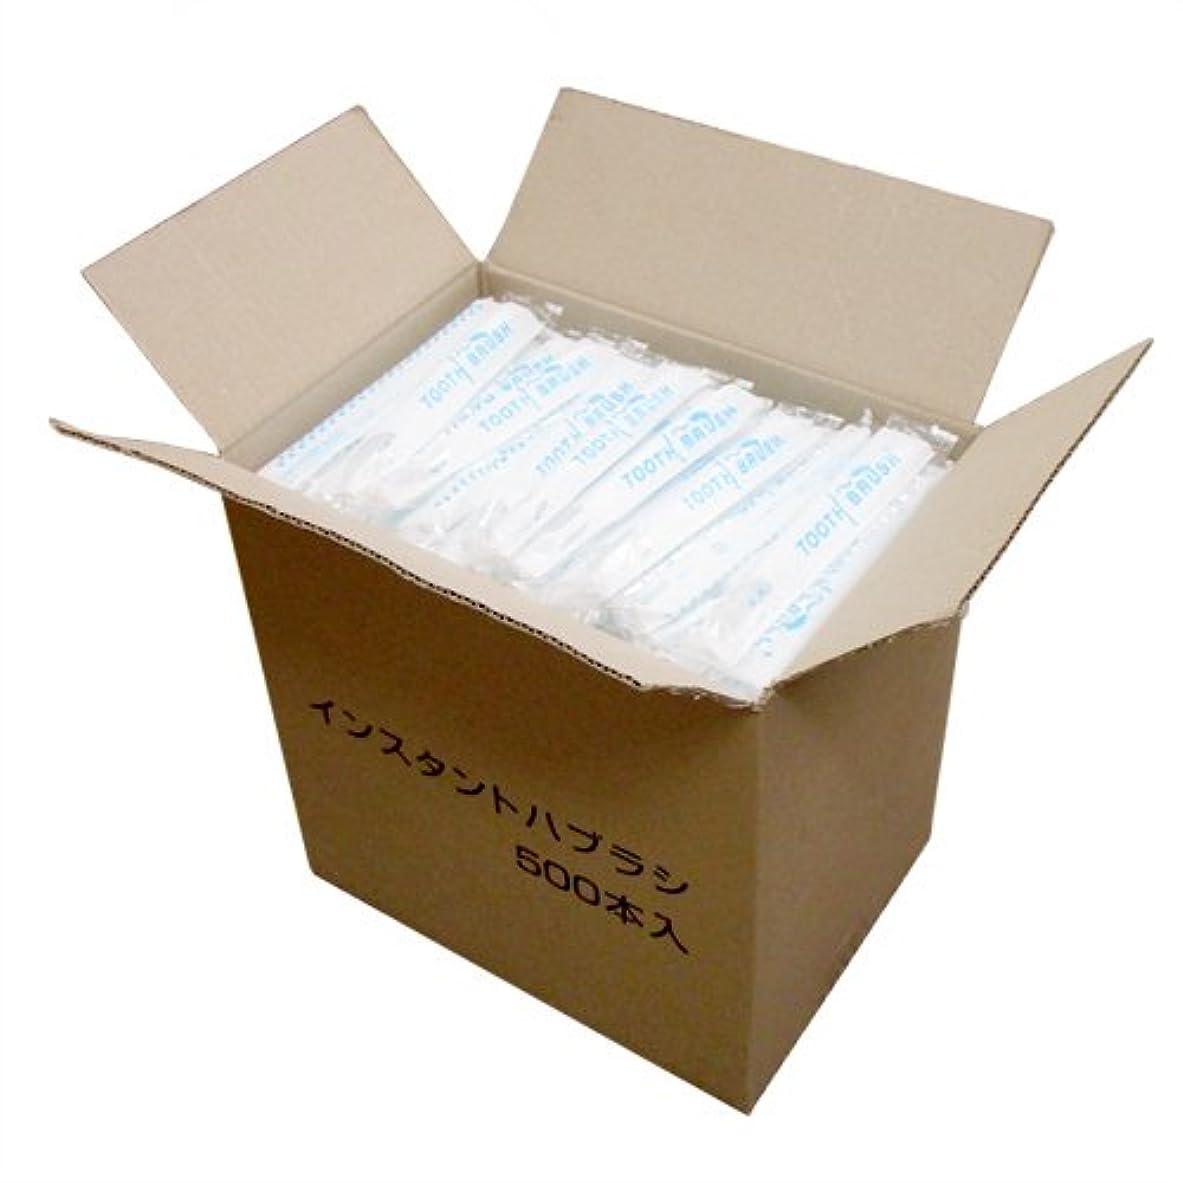 独立パイント花瓶業務用 日本製 使い捨て粉付き歯ブラシ 個包装タイプ 500本入×1箱│ホテルアメニティ